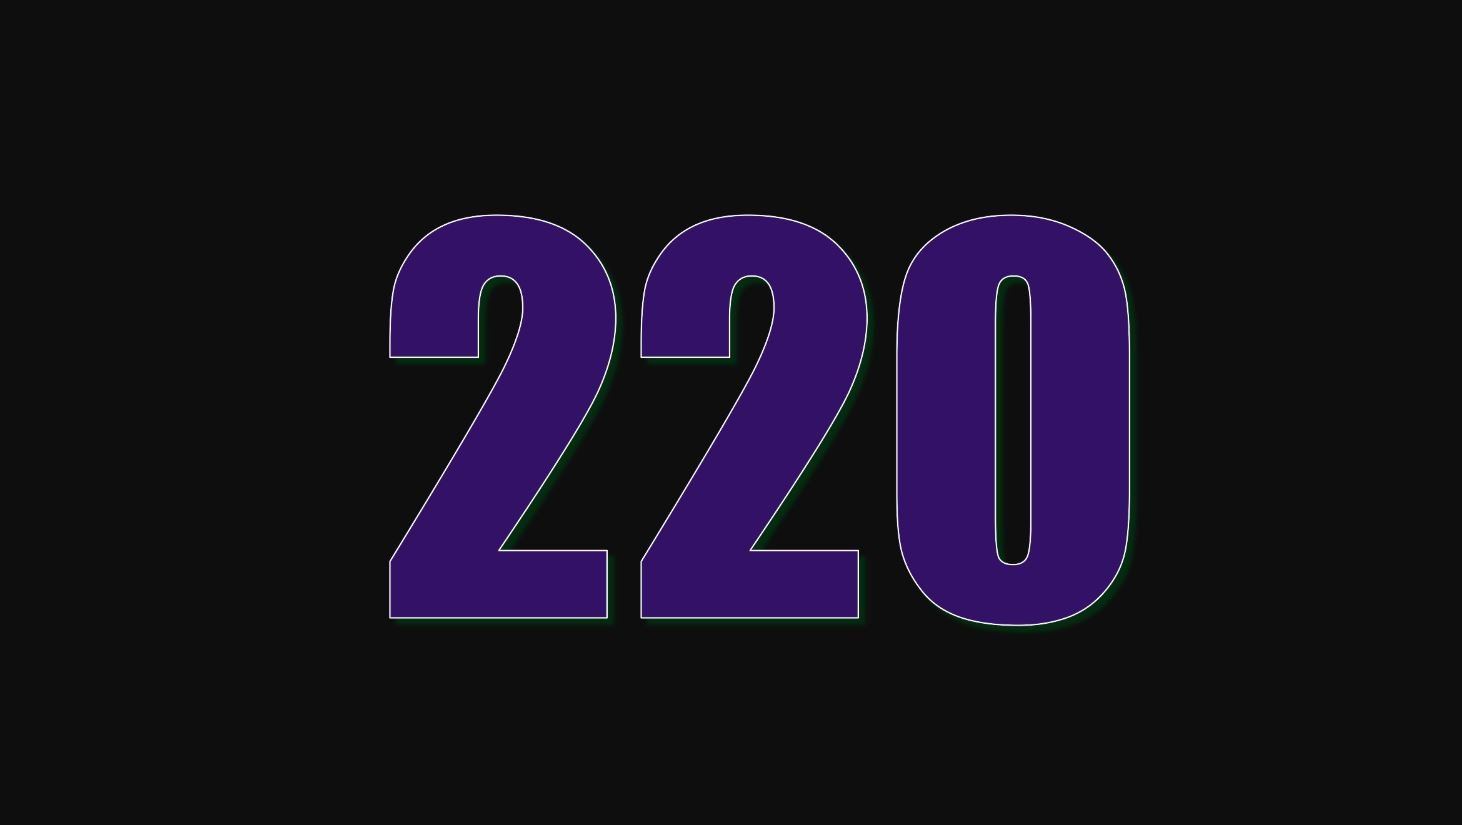 Il significato del numero 220